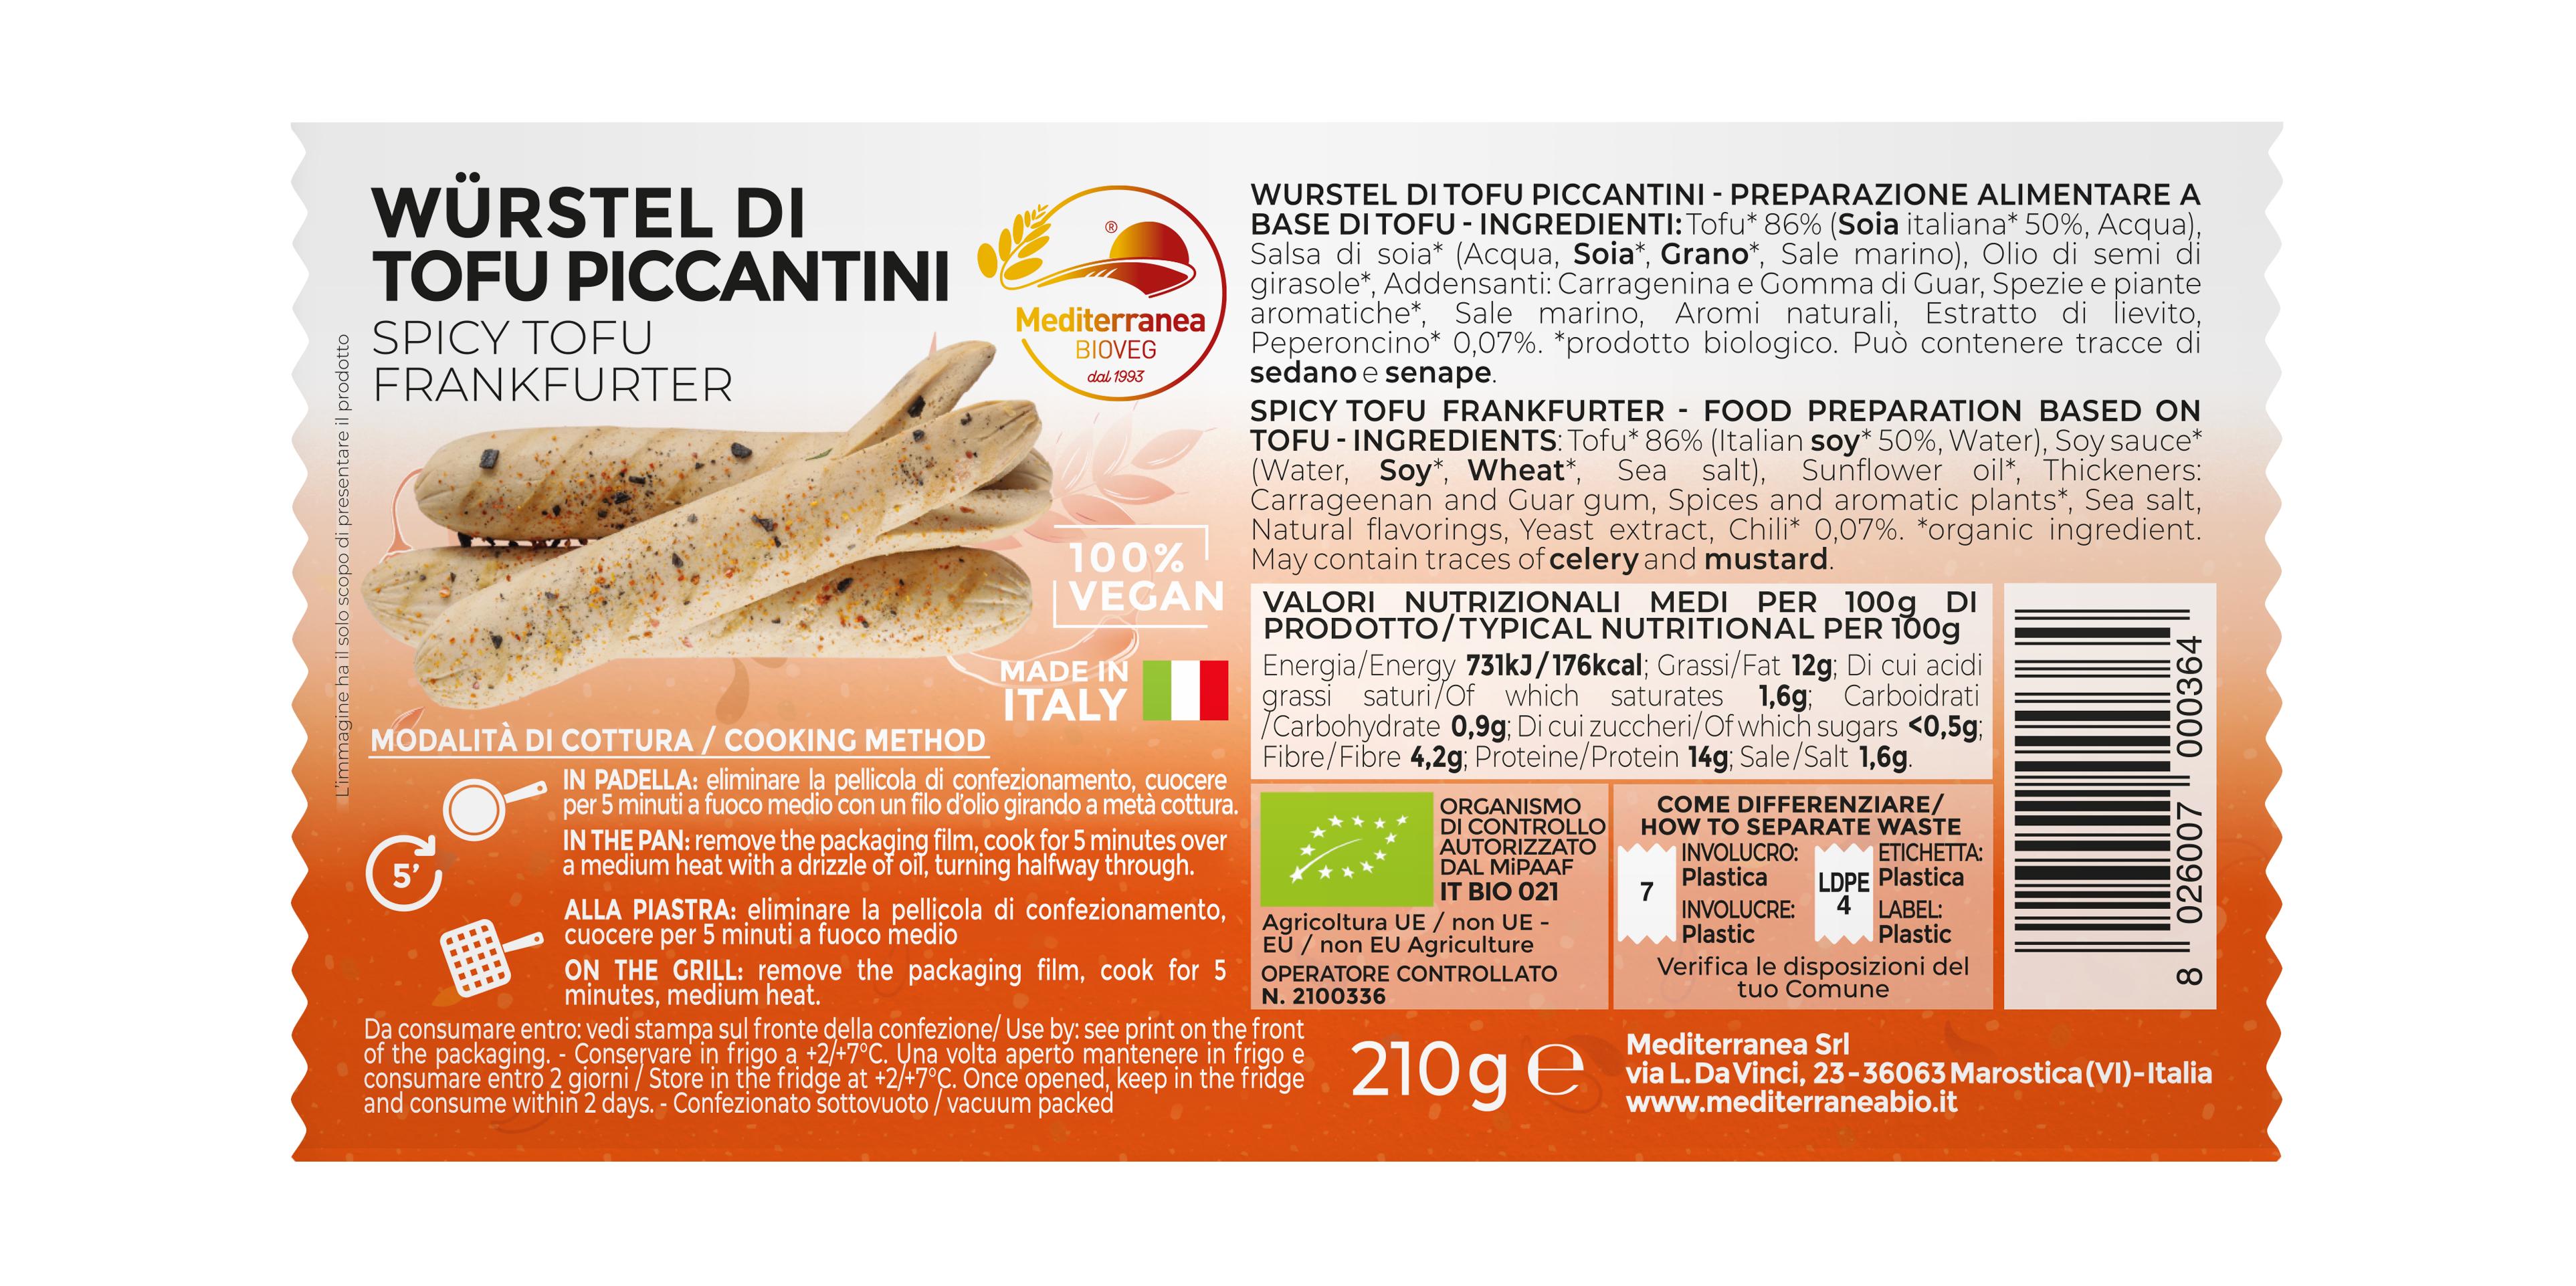 Würstel di tofu piccantini